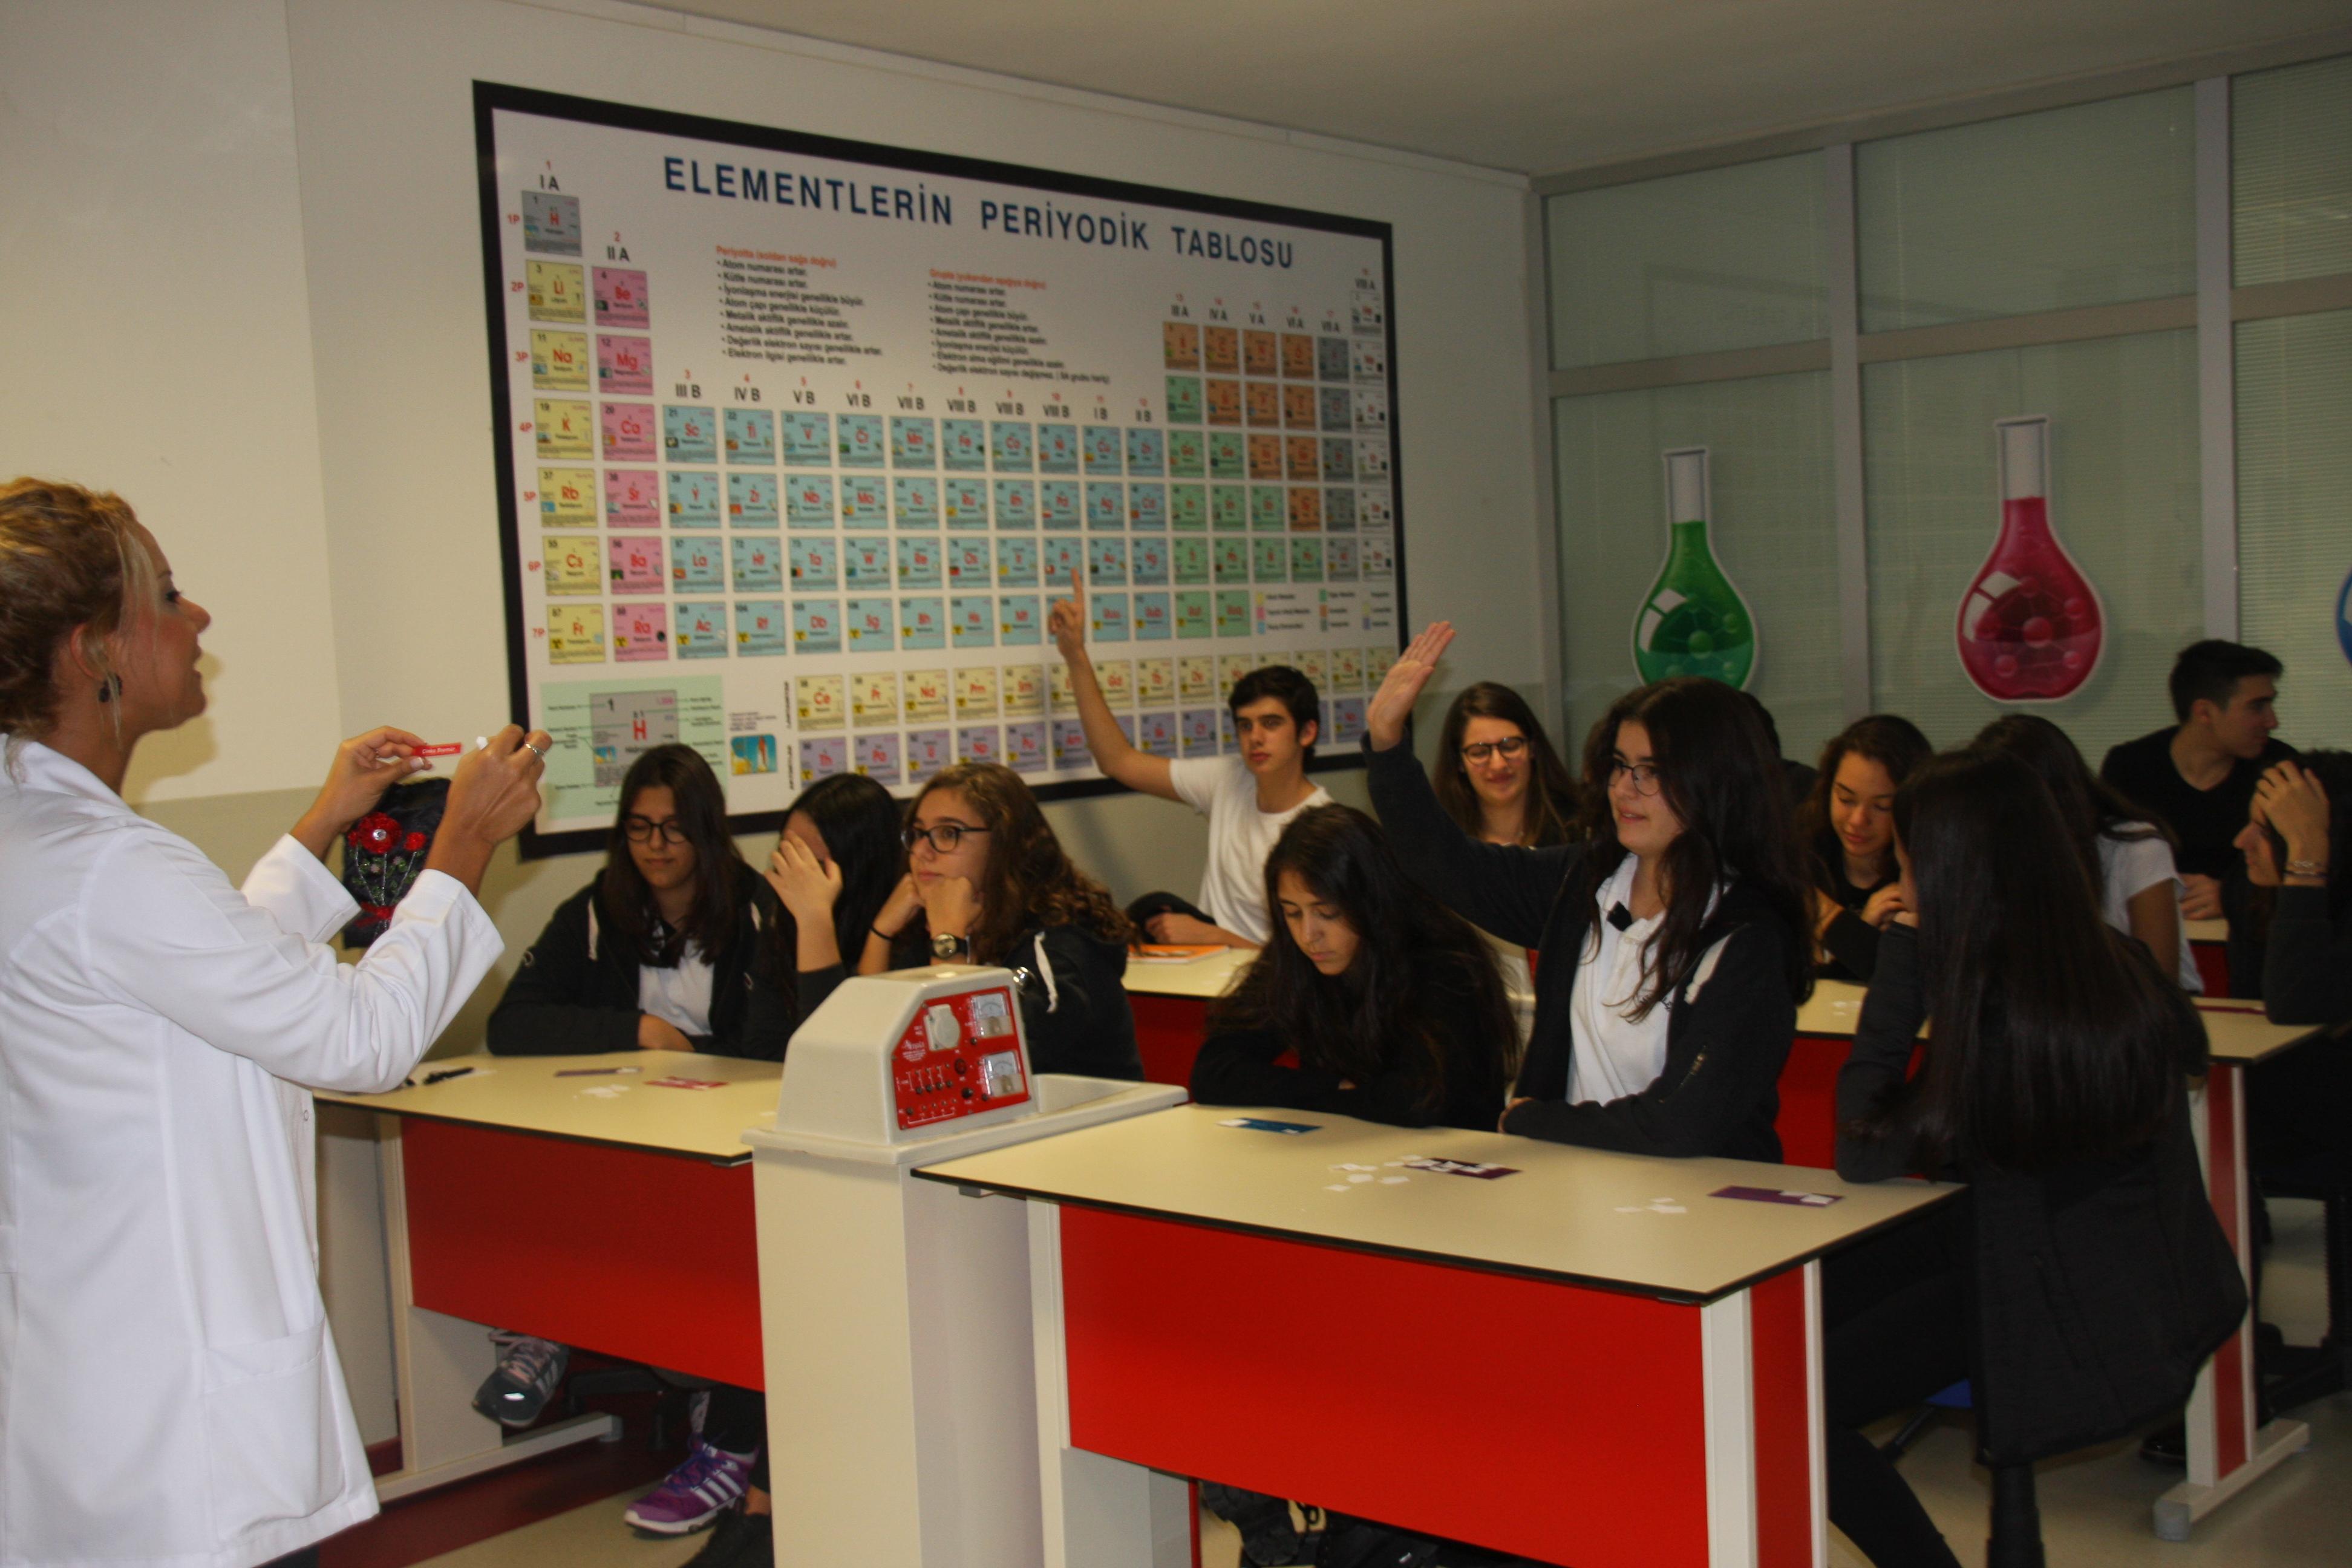 Öğrencilerimiz Tombala Oyunu ile Öğrendiklerini Pekiştirdiler